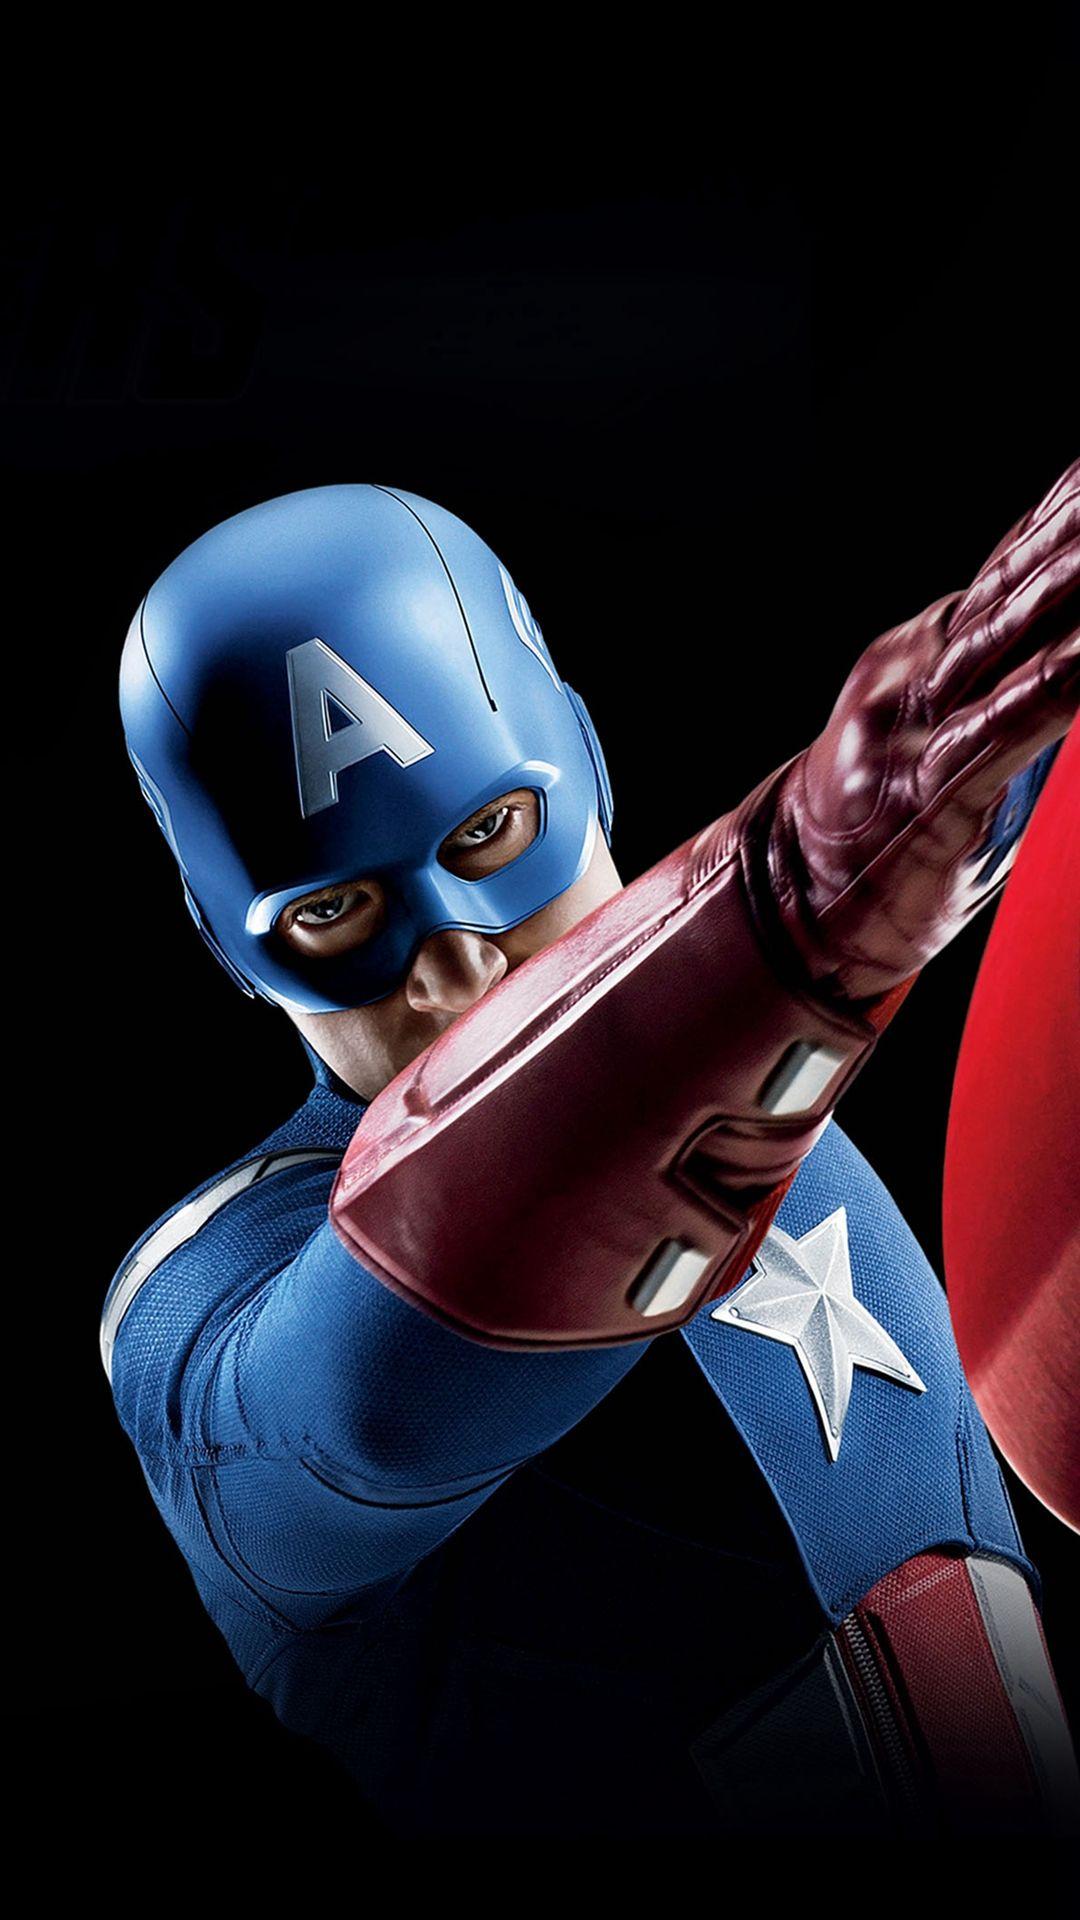 Avengers captain america illust art portrait iphone 6 plus avengers captain america illust art portrait iphone 6 plus wallpaper voltagebd Gallery